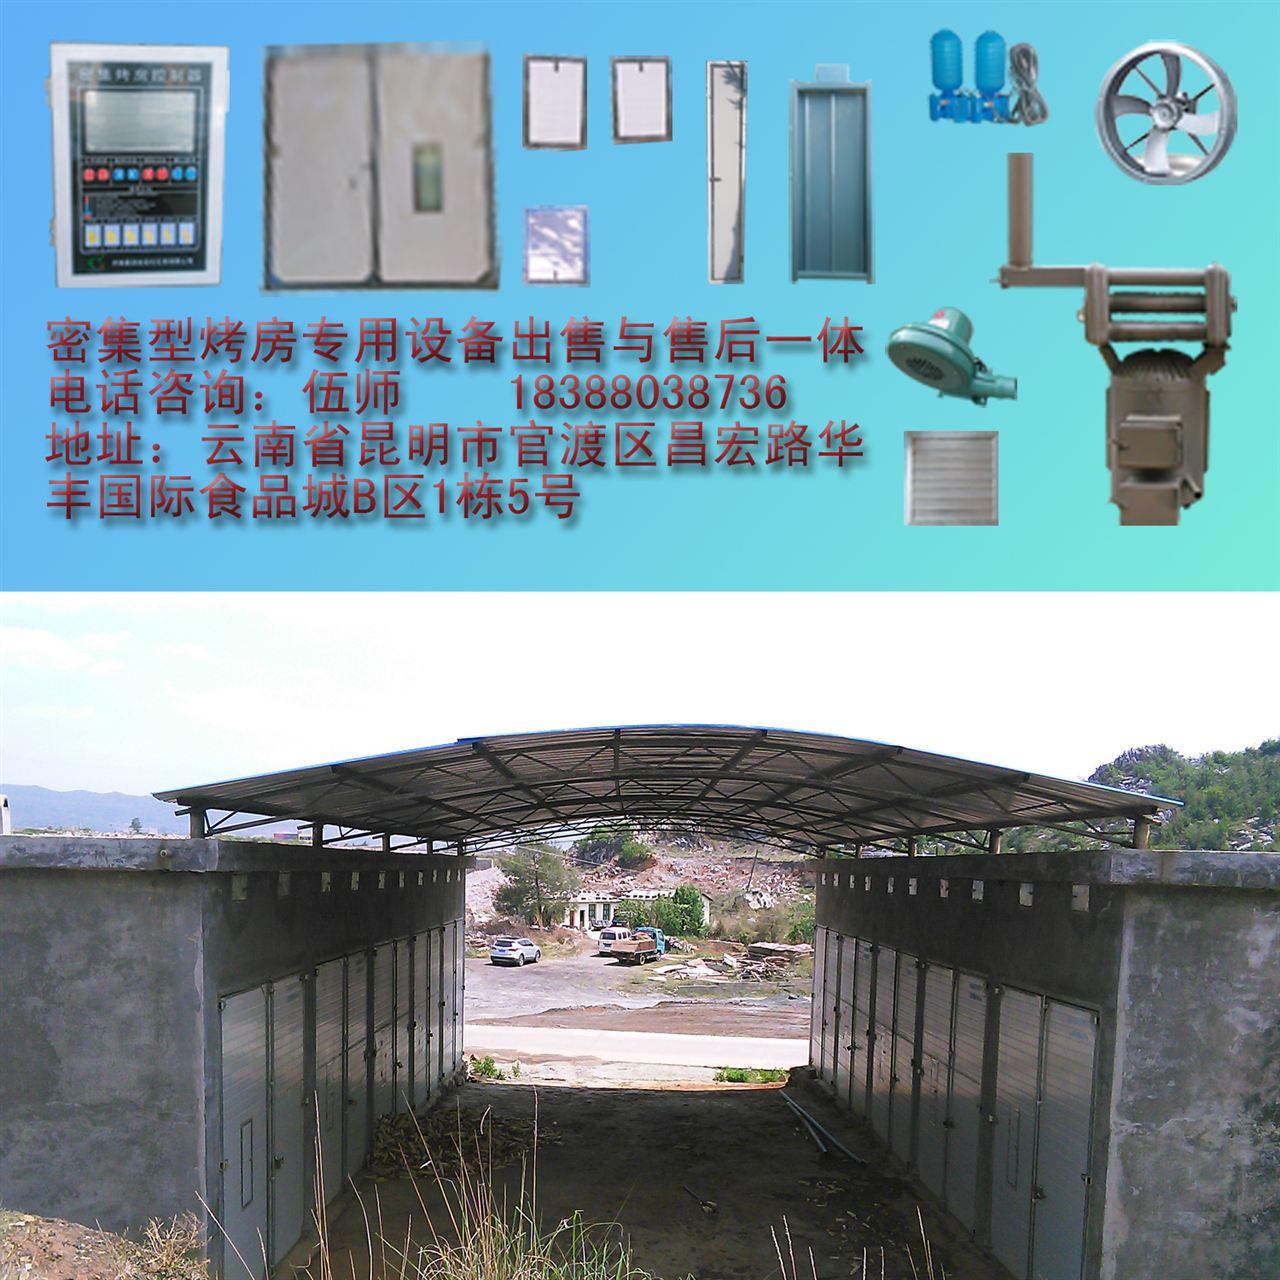 供应密集烤房设备-烤烟烘烤电烤房,温度控制器-中国